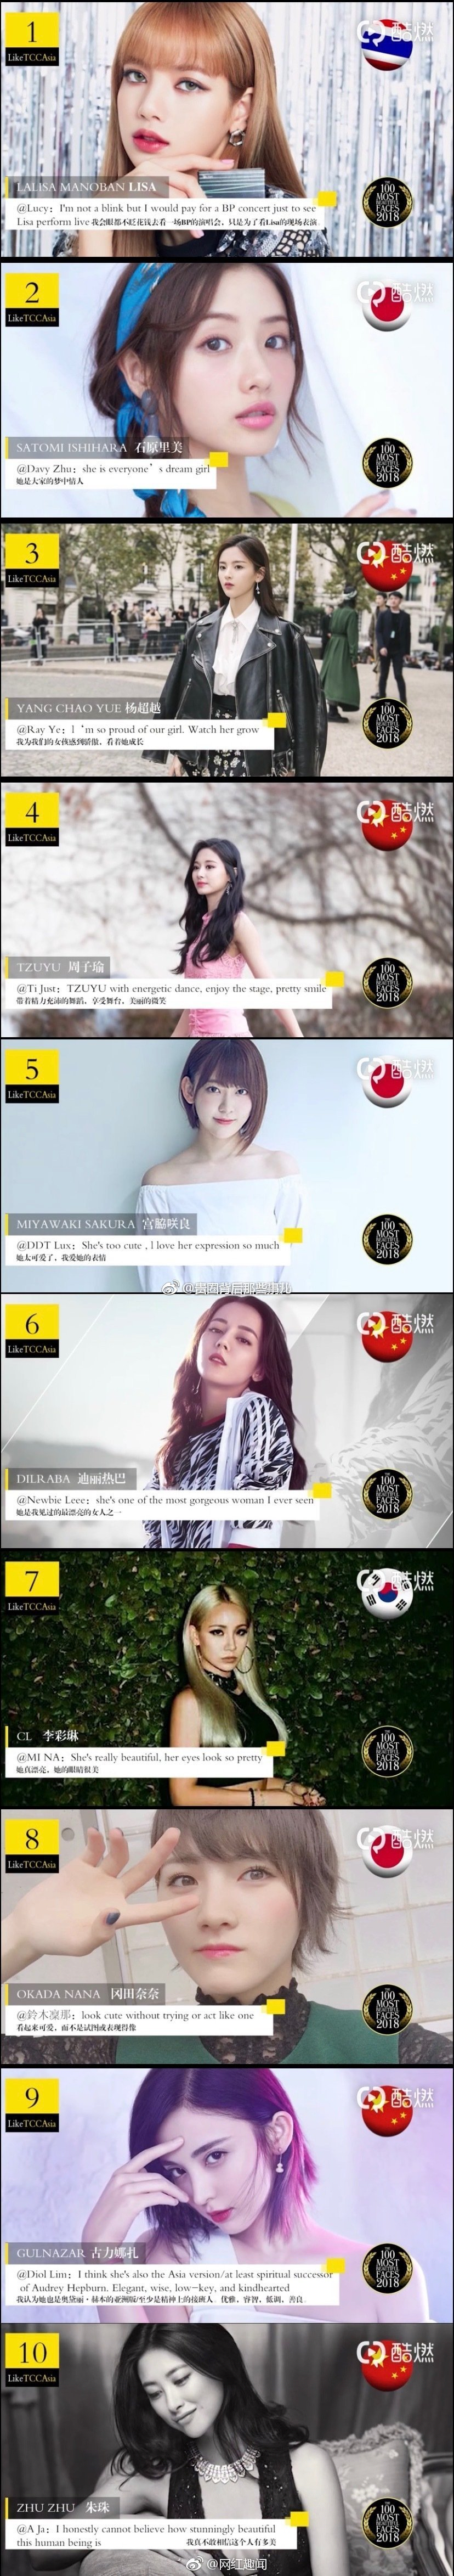 【画像】 『アジアで最も美しい顔ランキングTOP10』をご覧くださいwwwⅴw